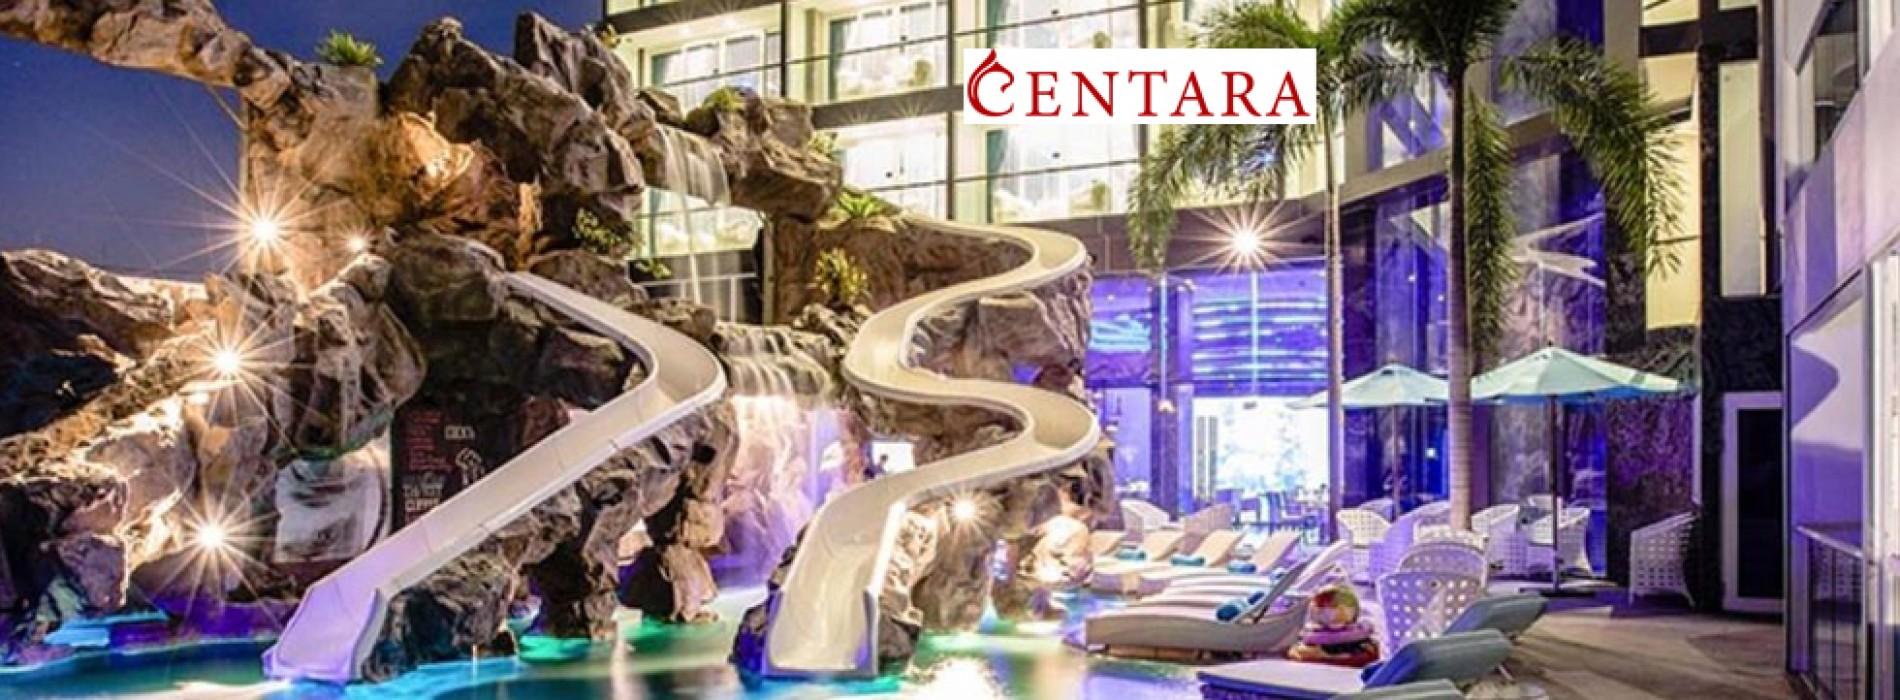 Centara Azure Hotel Pattaya opens in Thailand